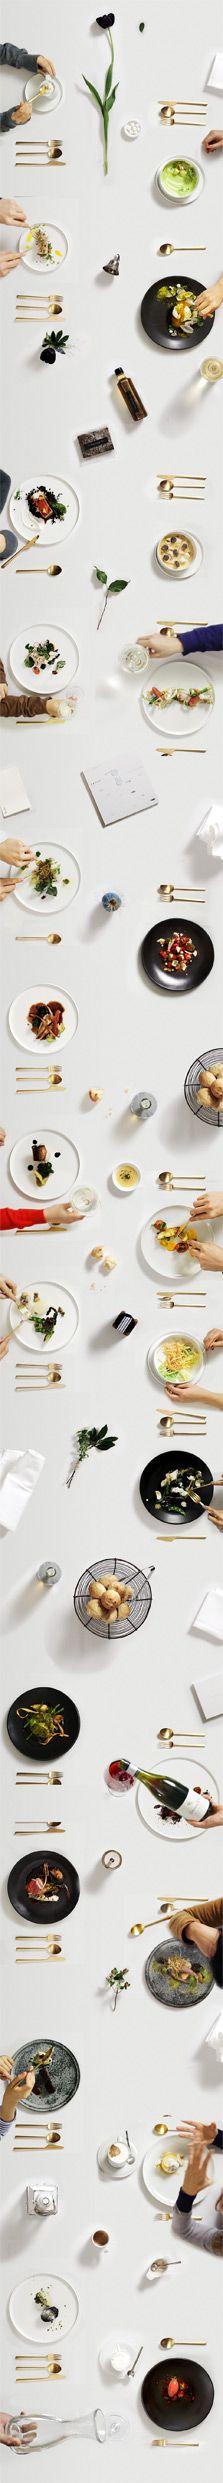 """L'idea per la scena """"didascalica"""" é quella di narrare una storia. In una breve striscia, attraverso pochi step, descrivere le fasi di una cena: il cliente ordina il cibo, lo consuma parzialmente e ne porta gli avanzi a casa, lasciando il tavolo pulito dai resti. 1: il cliente mangia il cibo ordinato; 2: il cliente lascia del cibo nel piatto; 3: il cibo prima avanzato nel piatto è rimpiattato nel doggy bag progettato; 4: tavolo sgombero da resti e doggy bag confezionato per essere portato…"""